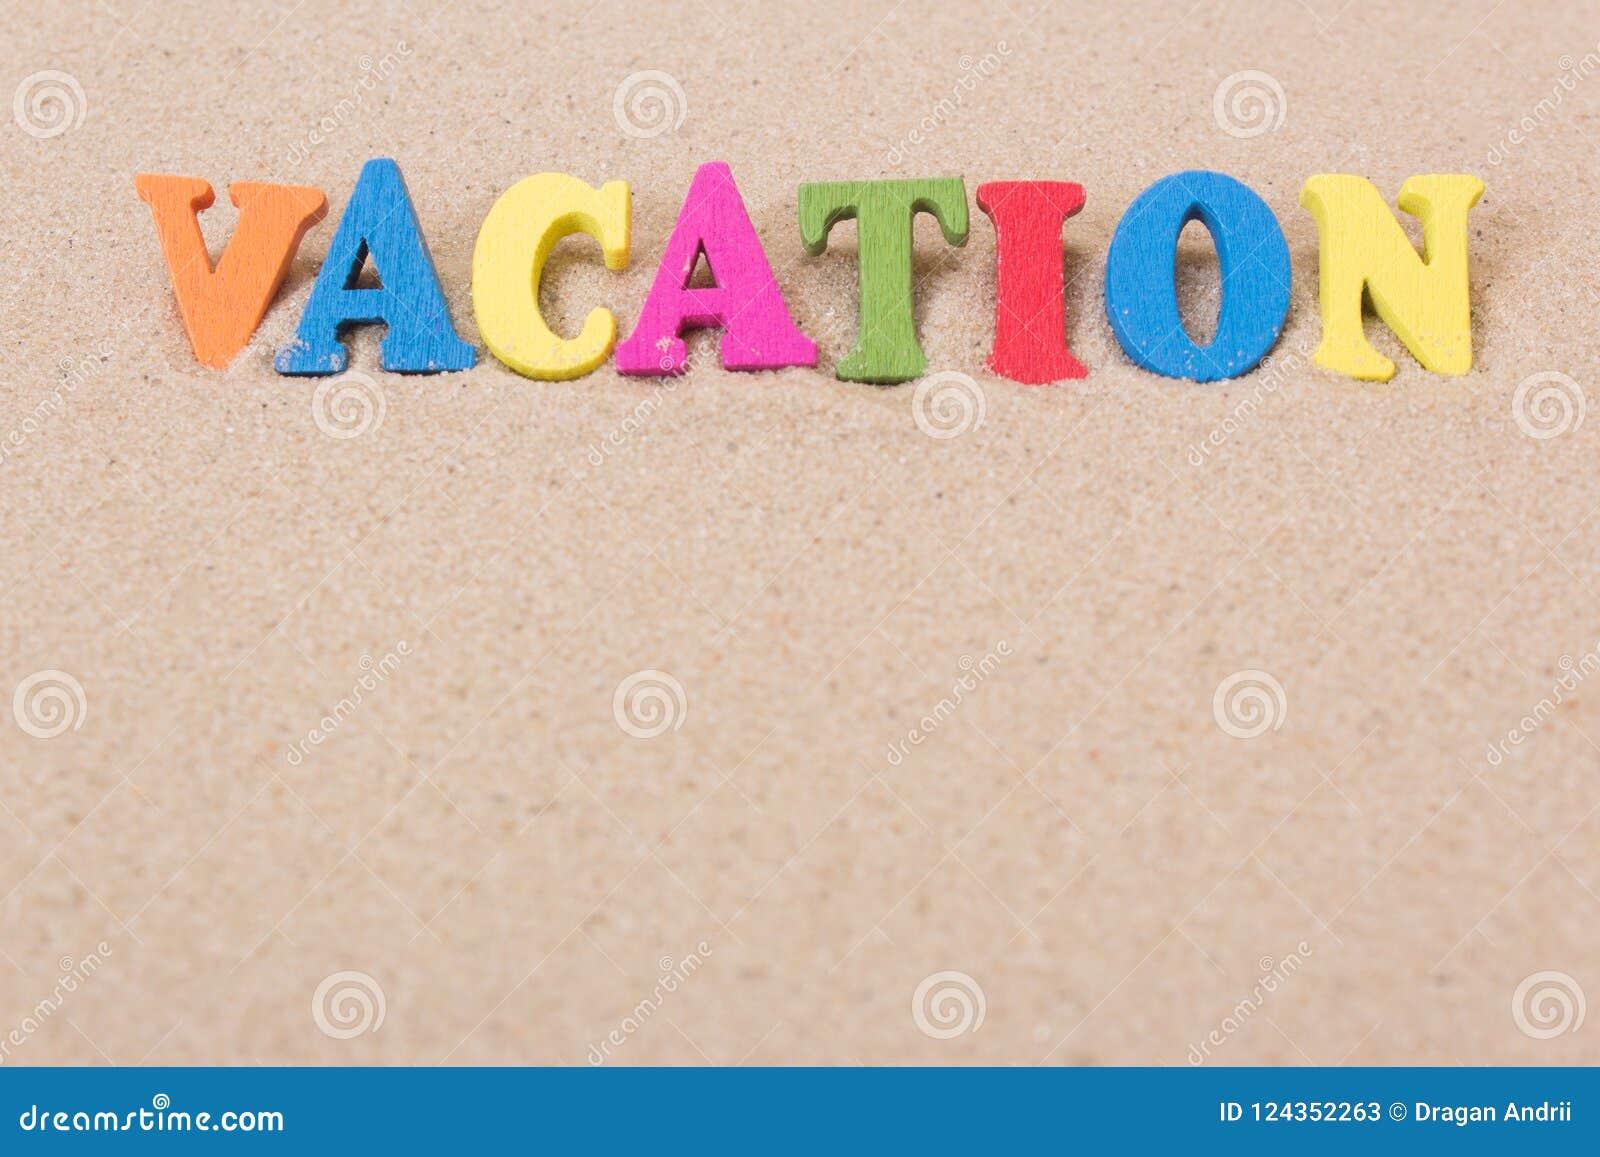 Lettere Di Legno Colorate : Esprima le vacanze delle lettere di legno colorate su sabbioso